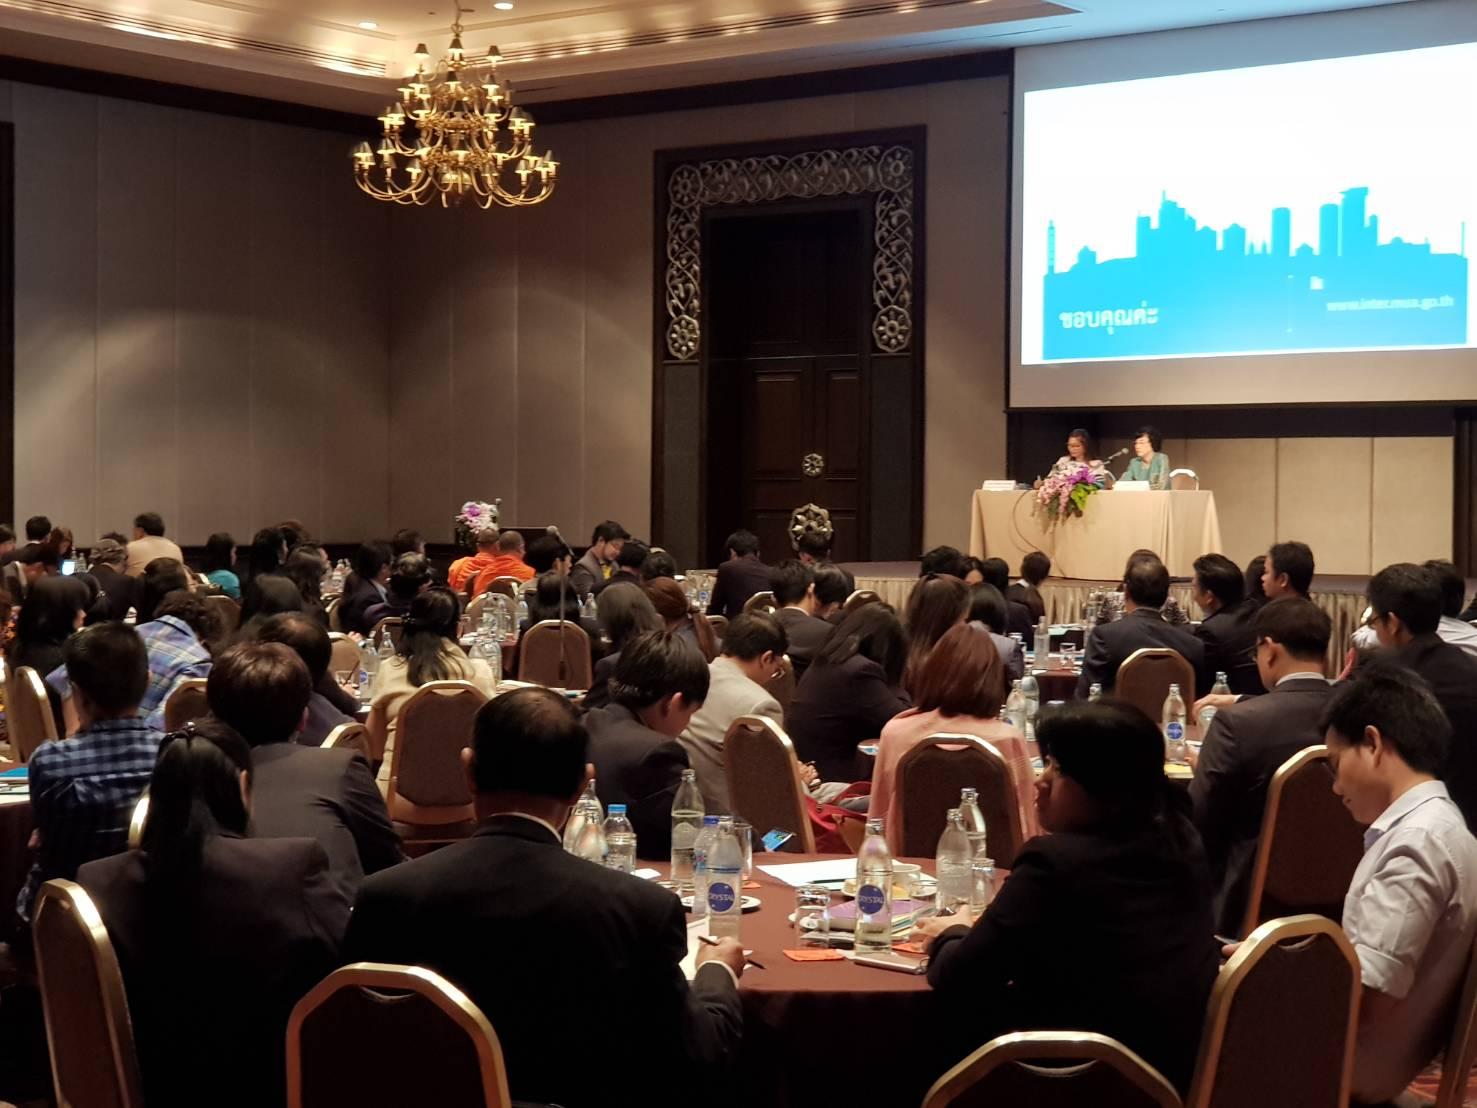 610806 รอง กต ประชุมผู้บริหารระดับสูงที่รับผิดชอบงานด้านต่างประเทศ 4